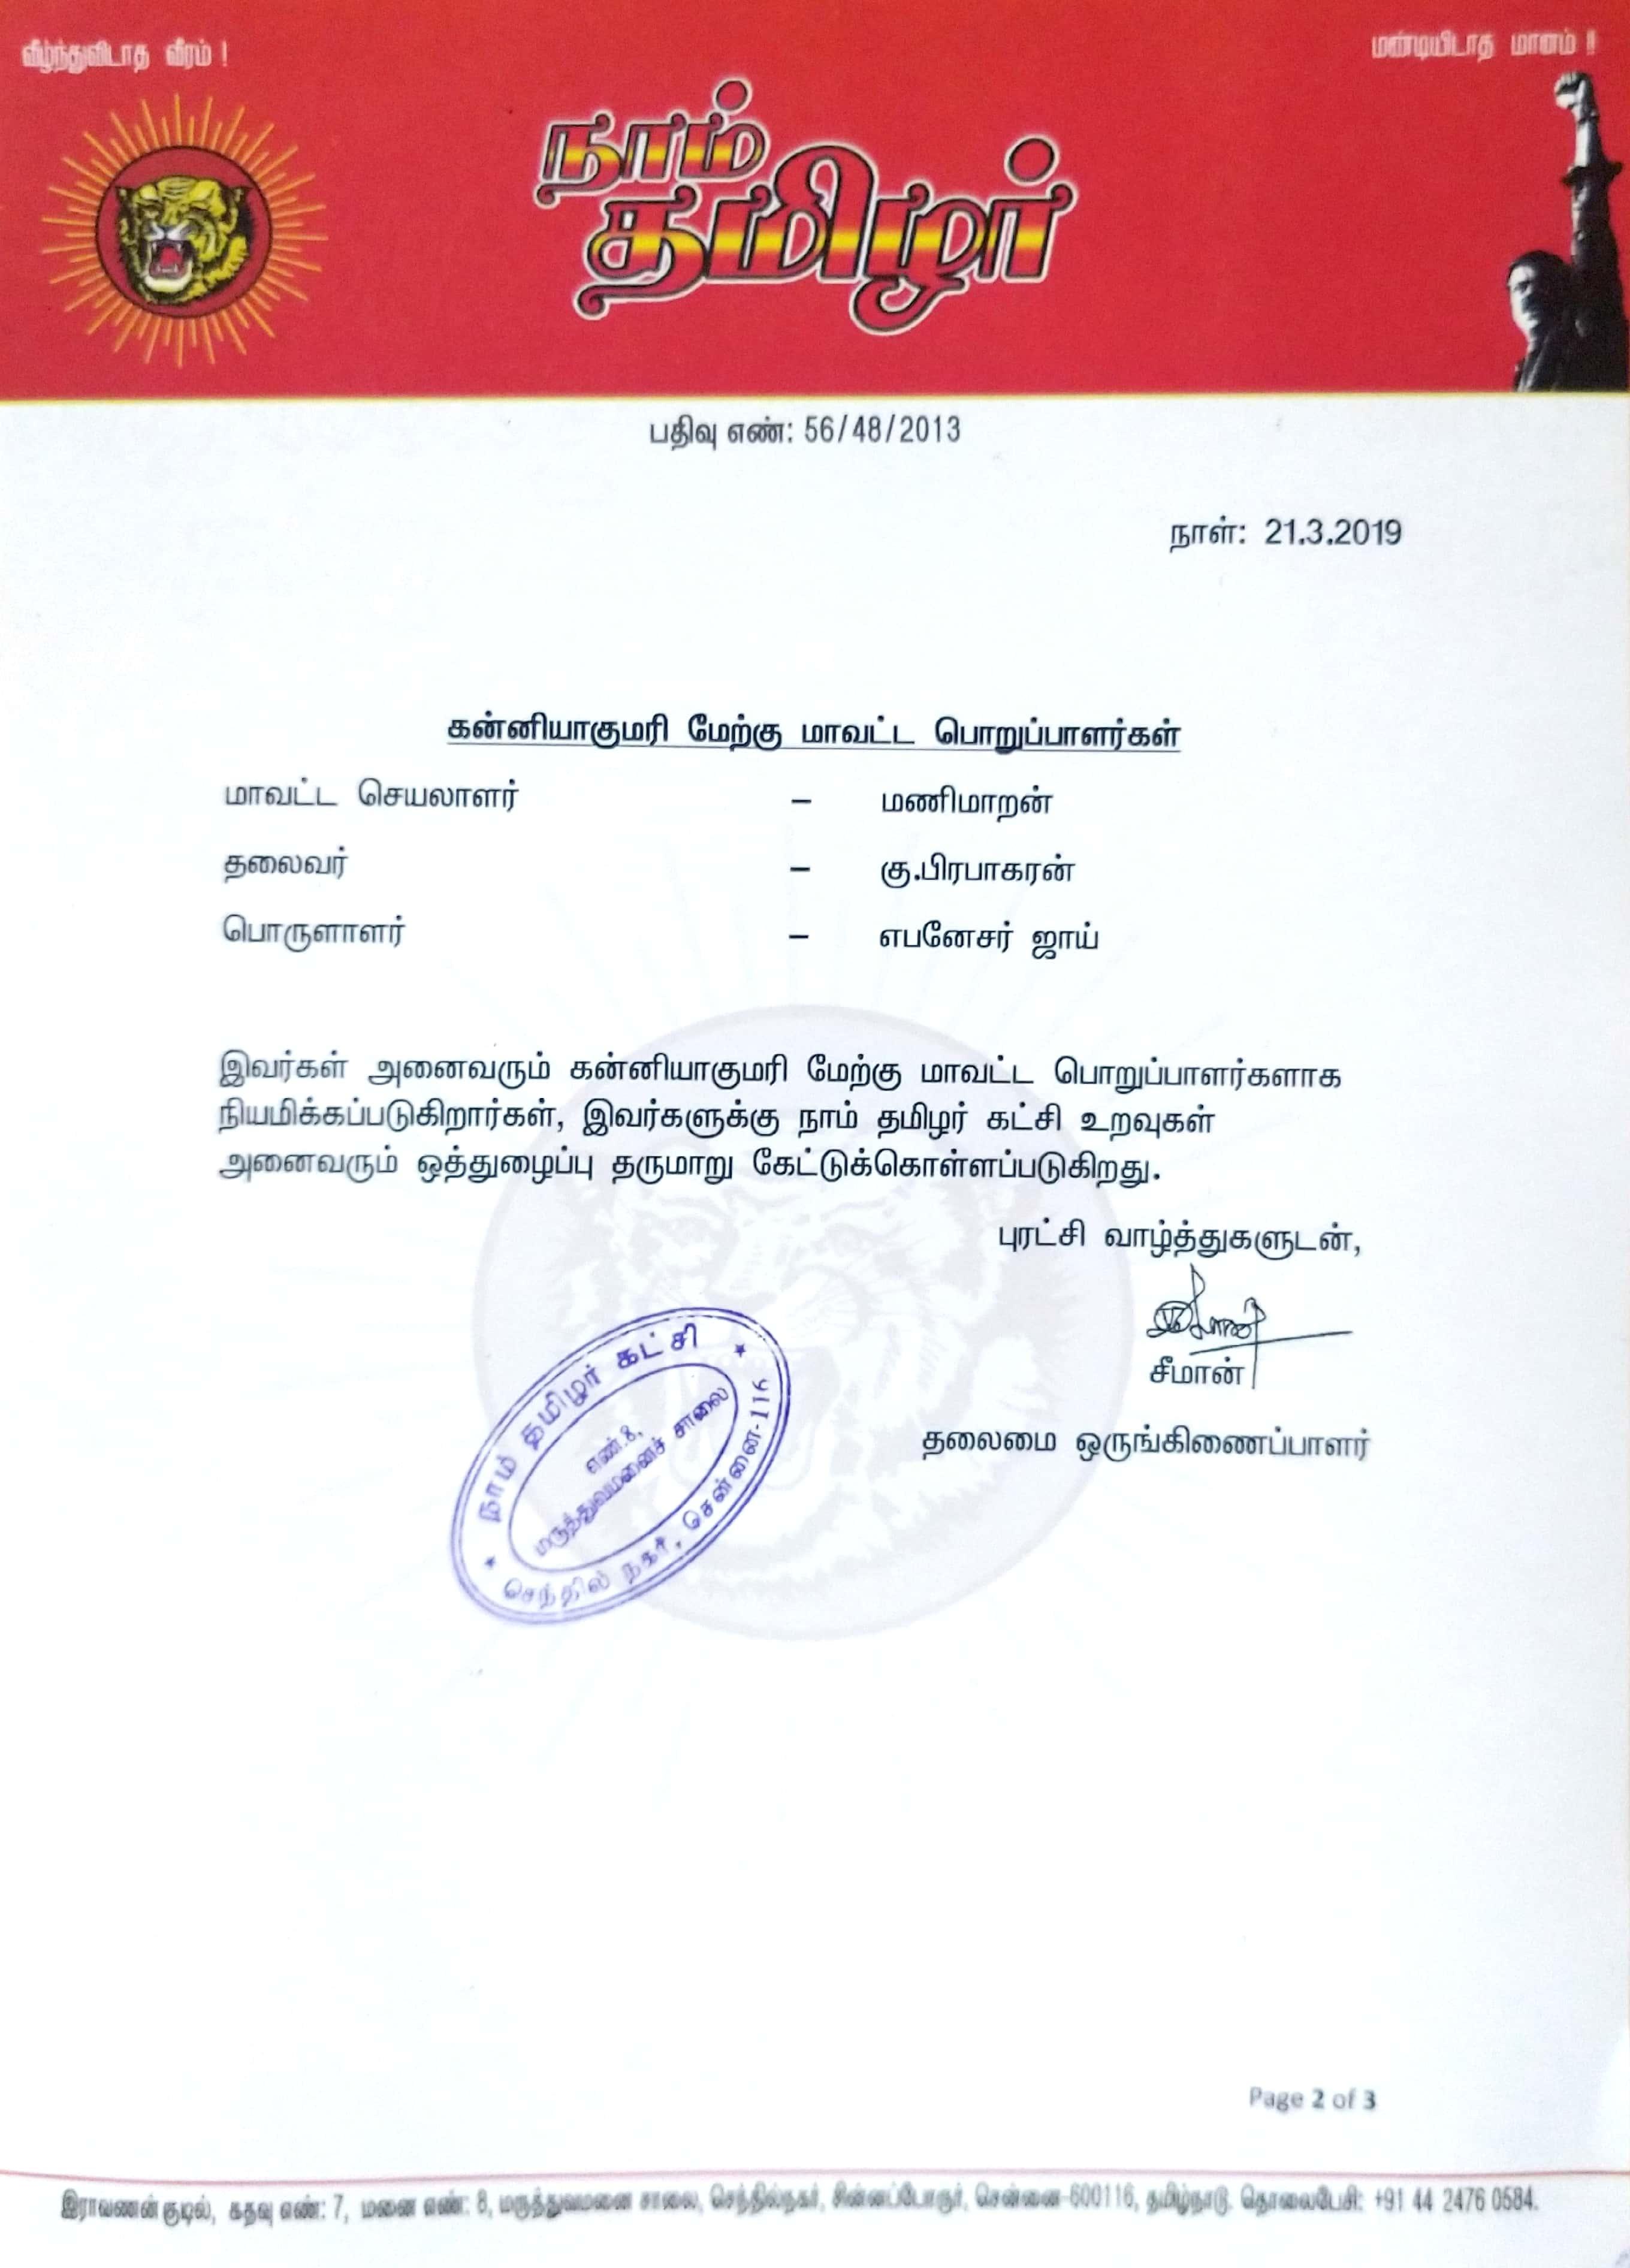 தலைமை அறிவிப்பு: கன்னியாகுமரி மேற்கு மாவட்டப் பொறுப்பாளர்கள் பட்டியல்